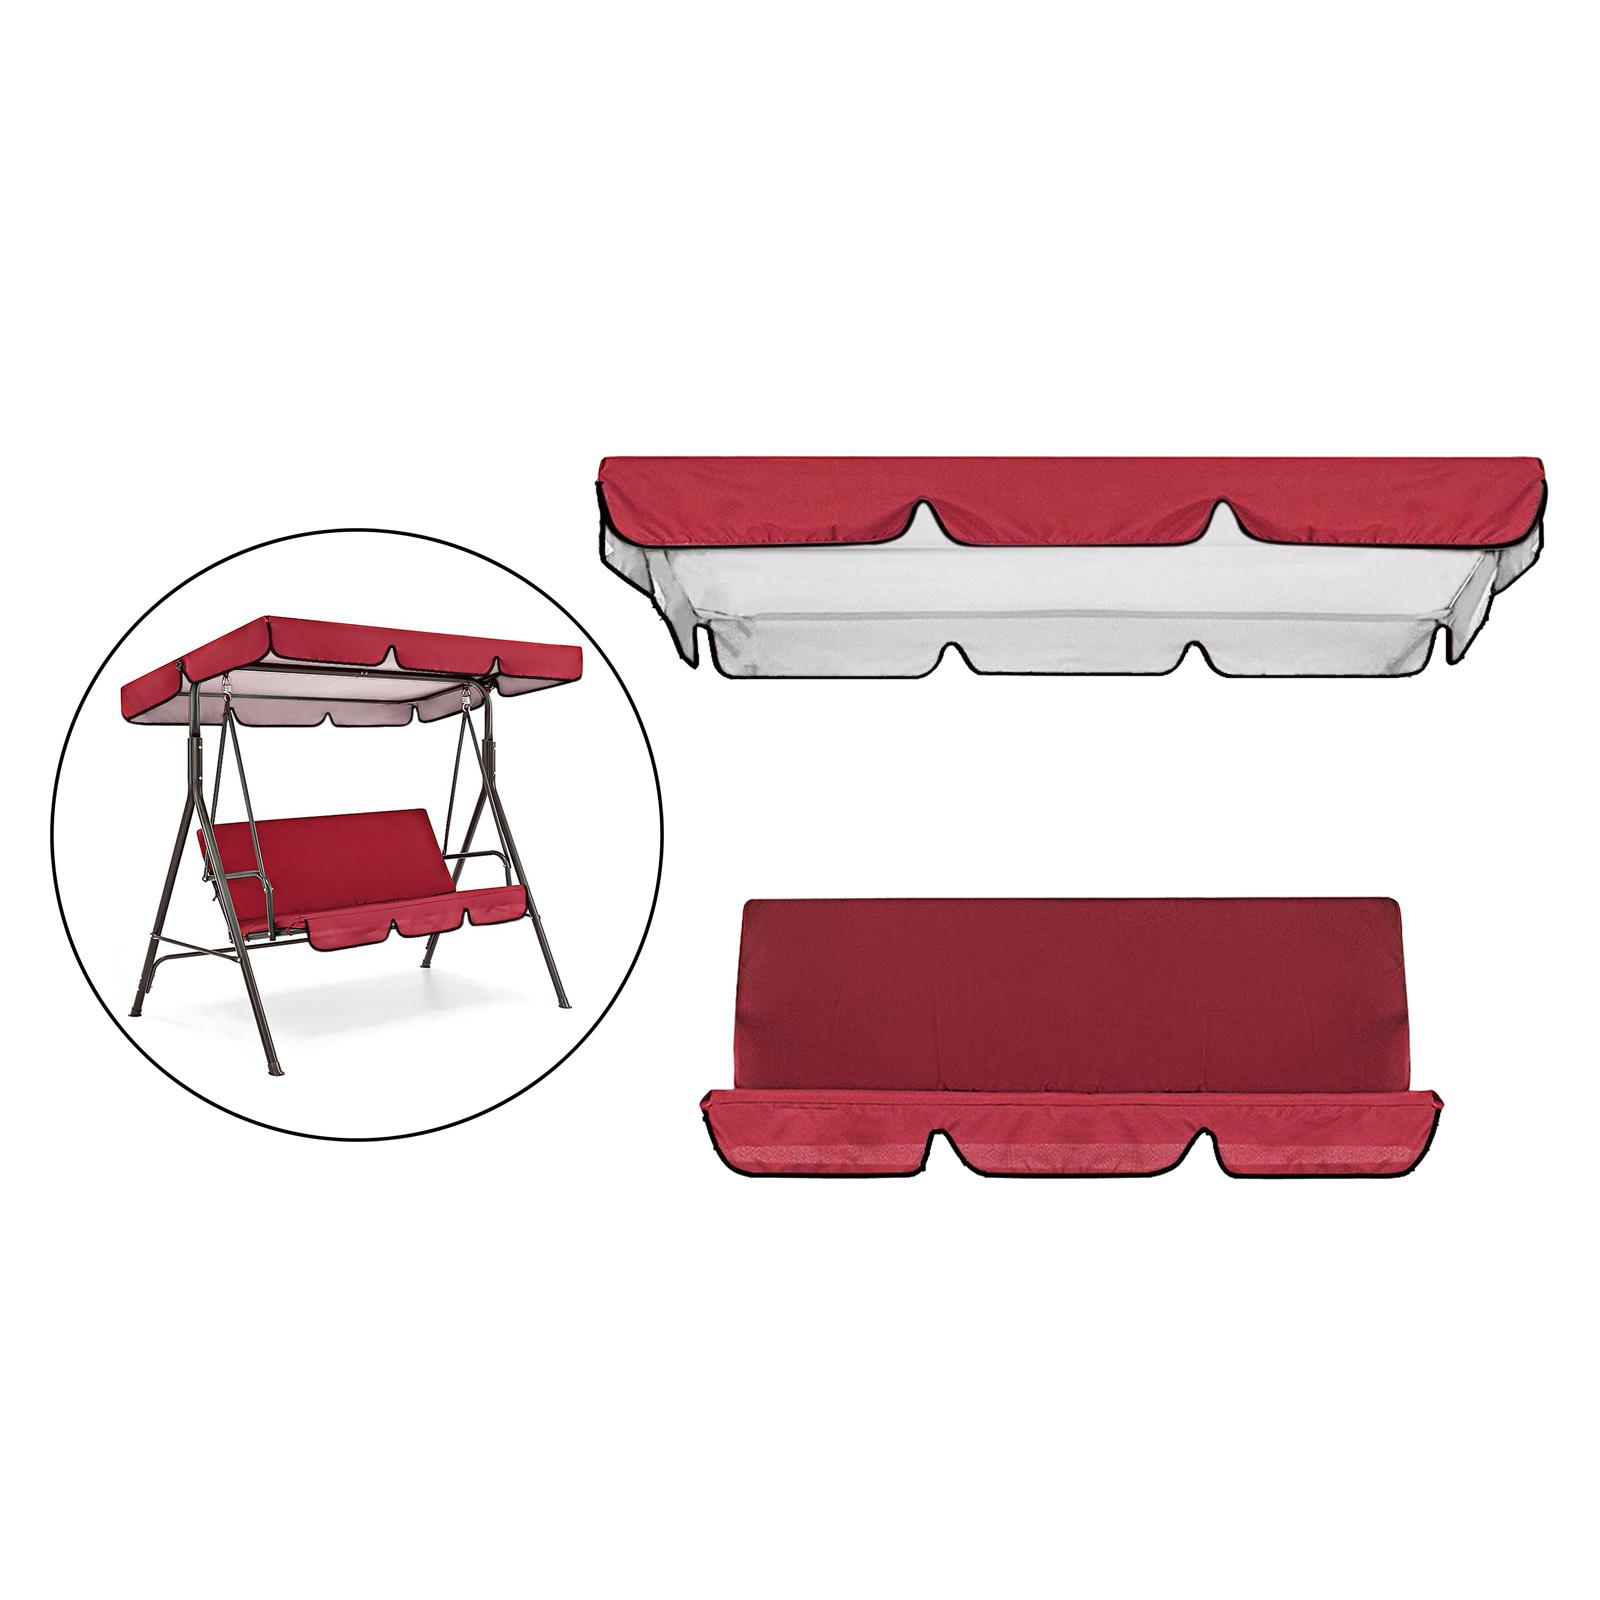 miniatura 4 - Sostituzione della copertura della sedia a dondolo da esterno per patio,